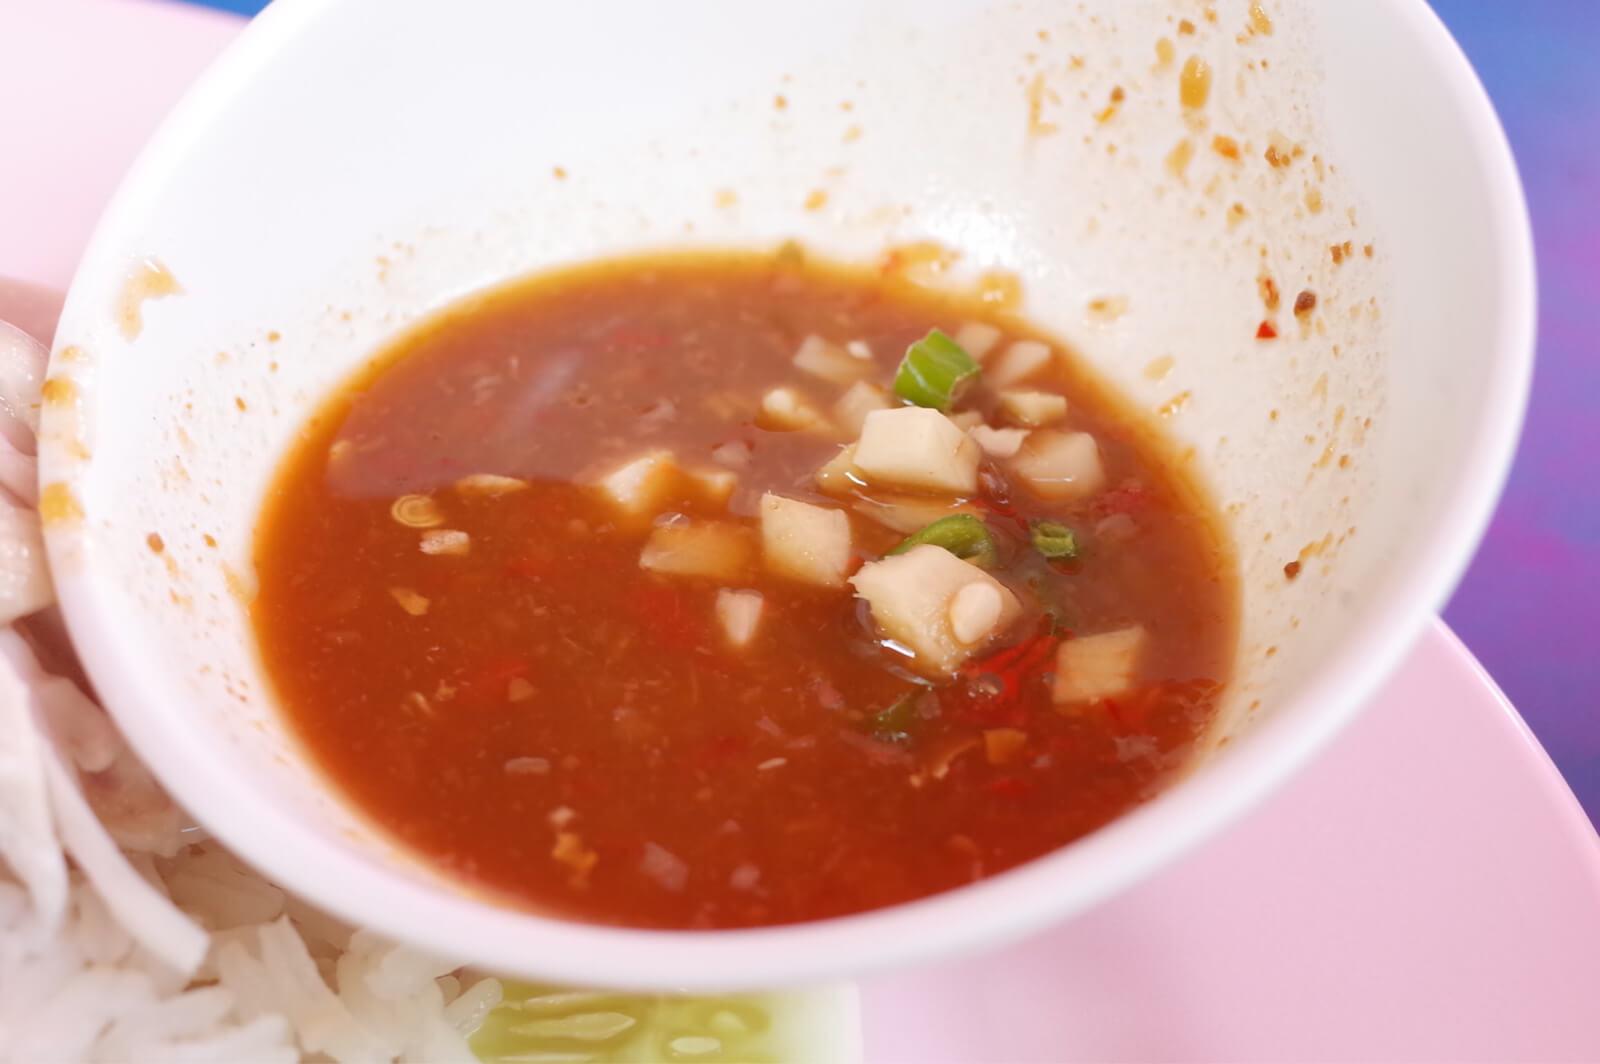 バンコク シーロム 朝食 カオマンガイ タレ